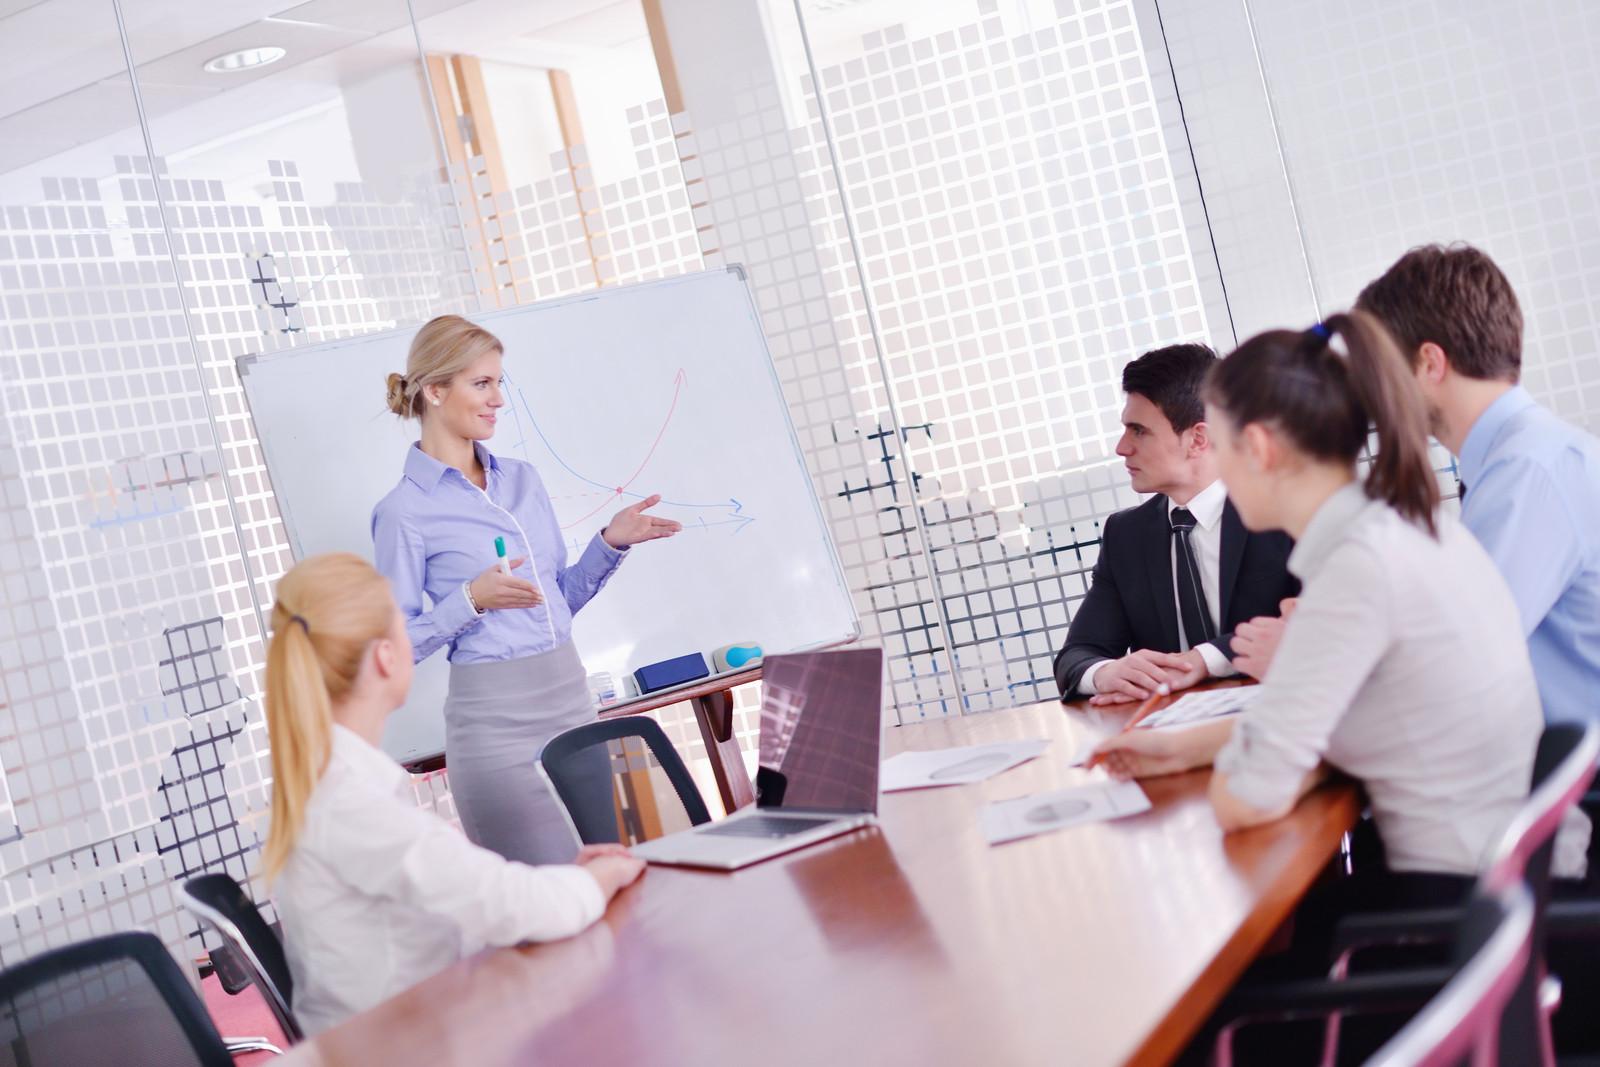 Prenez en main votre avenir grâce à la formation professionnelle pour adultes